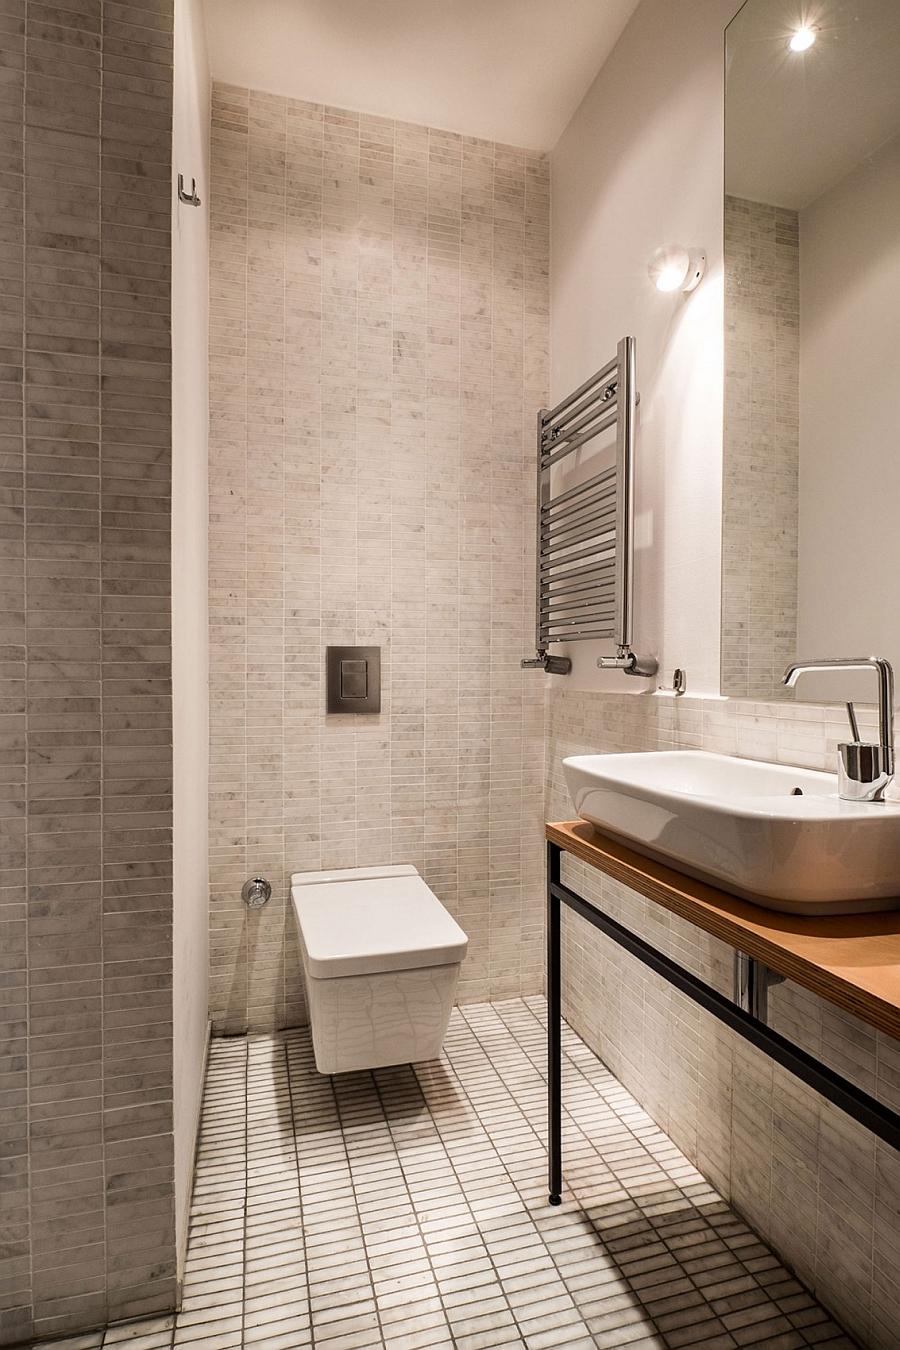 بالصور بلاط حمامات , اجمل واحدث بلاط الحمامات 788 15